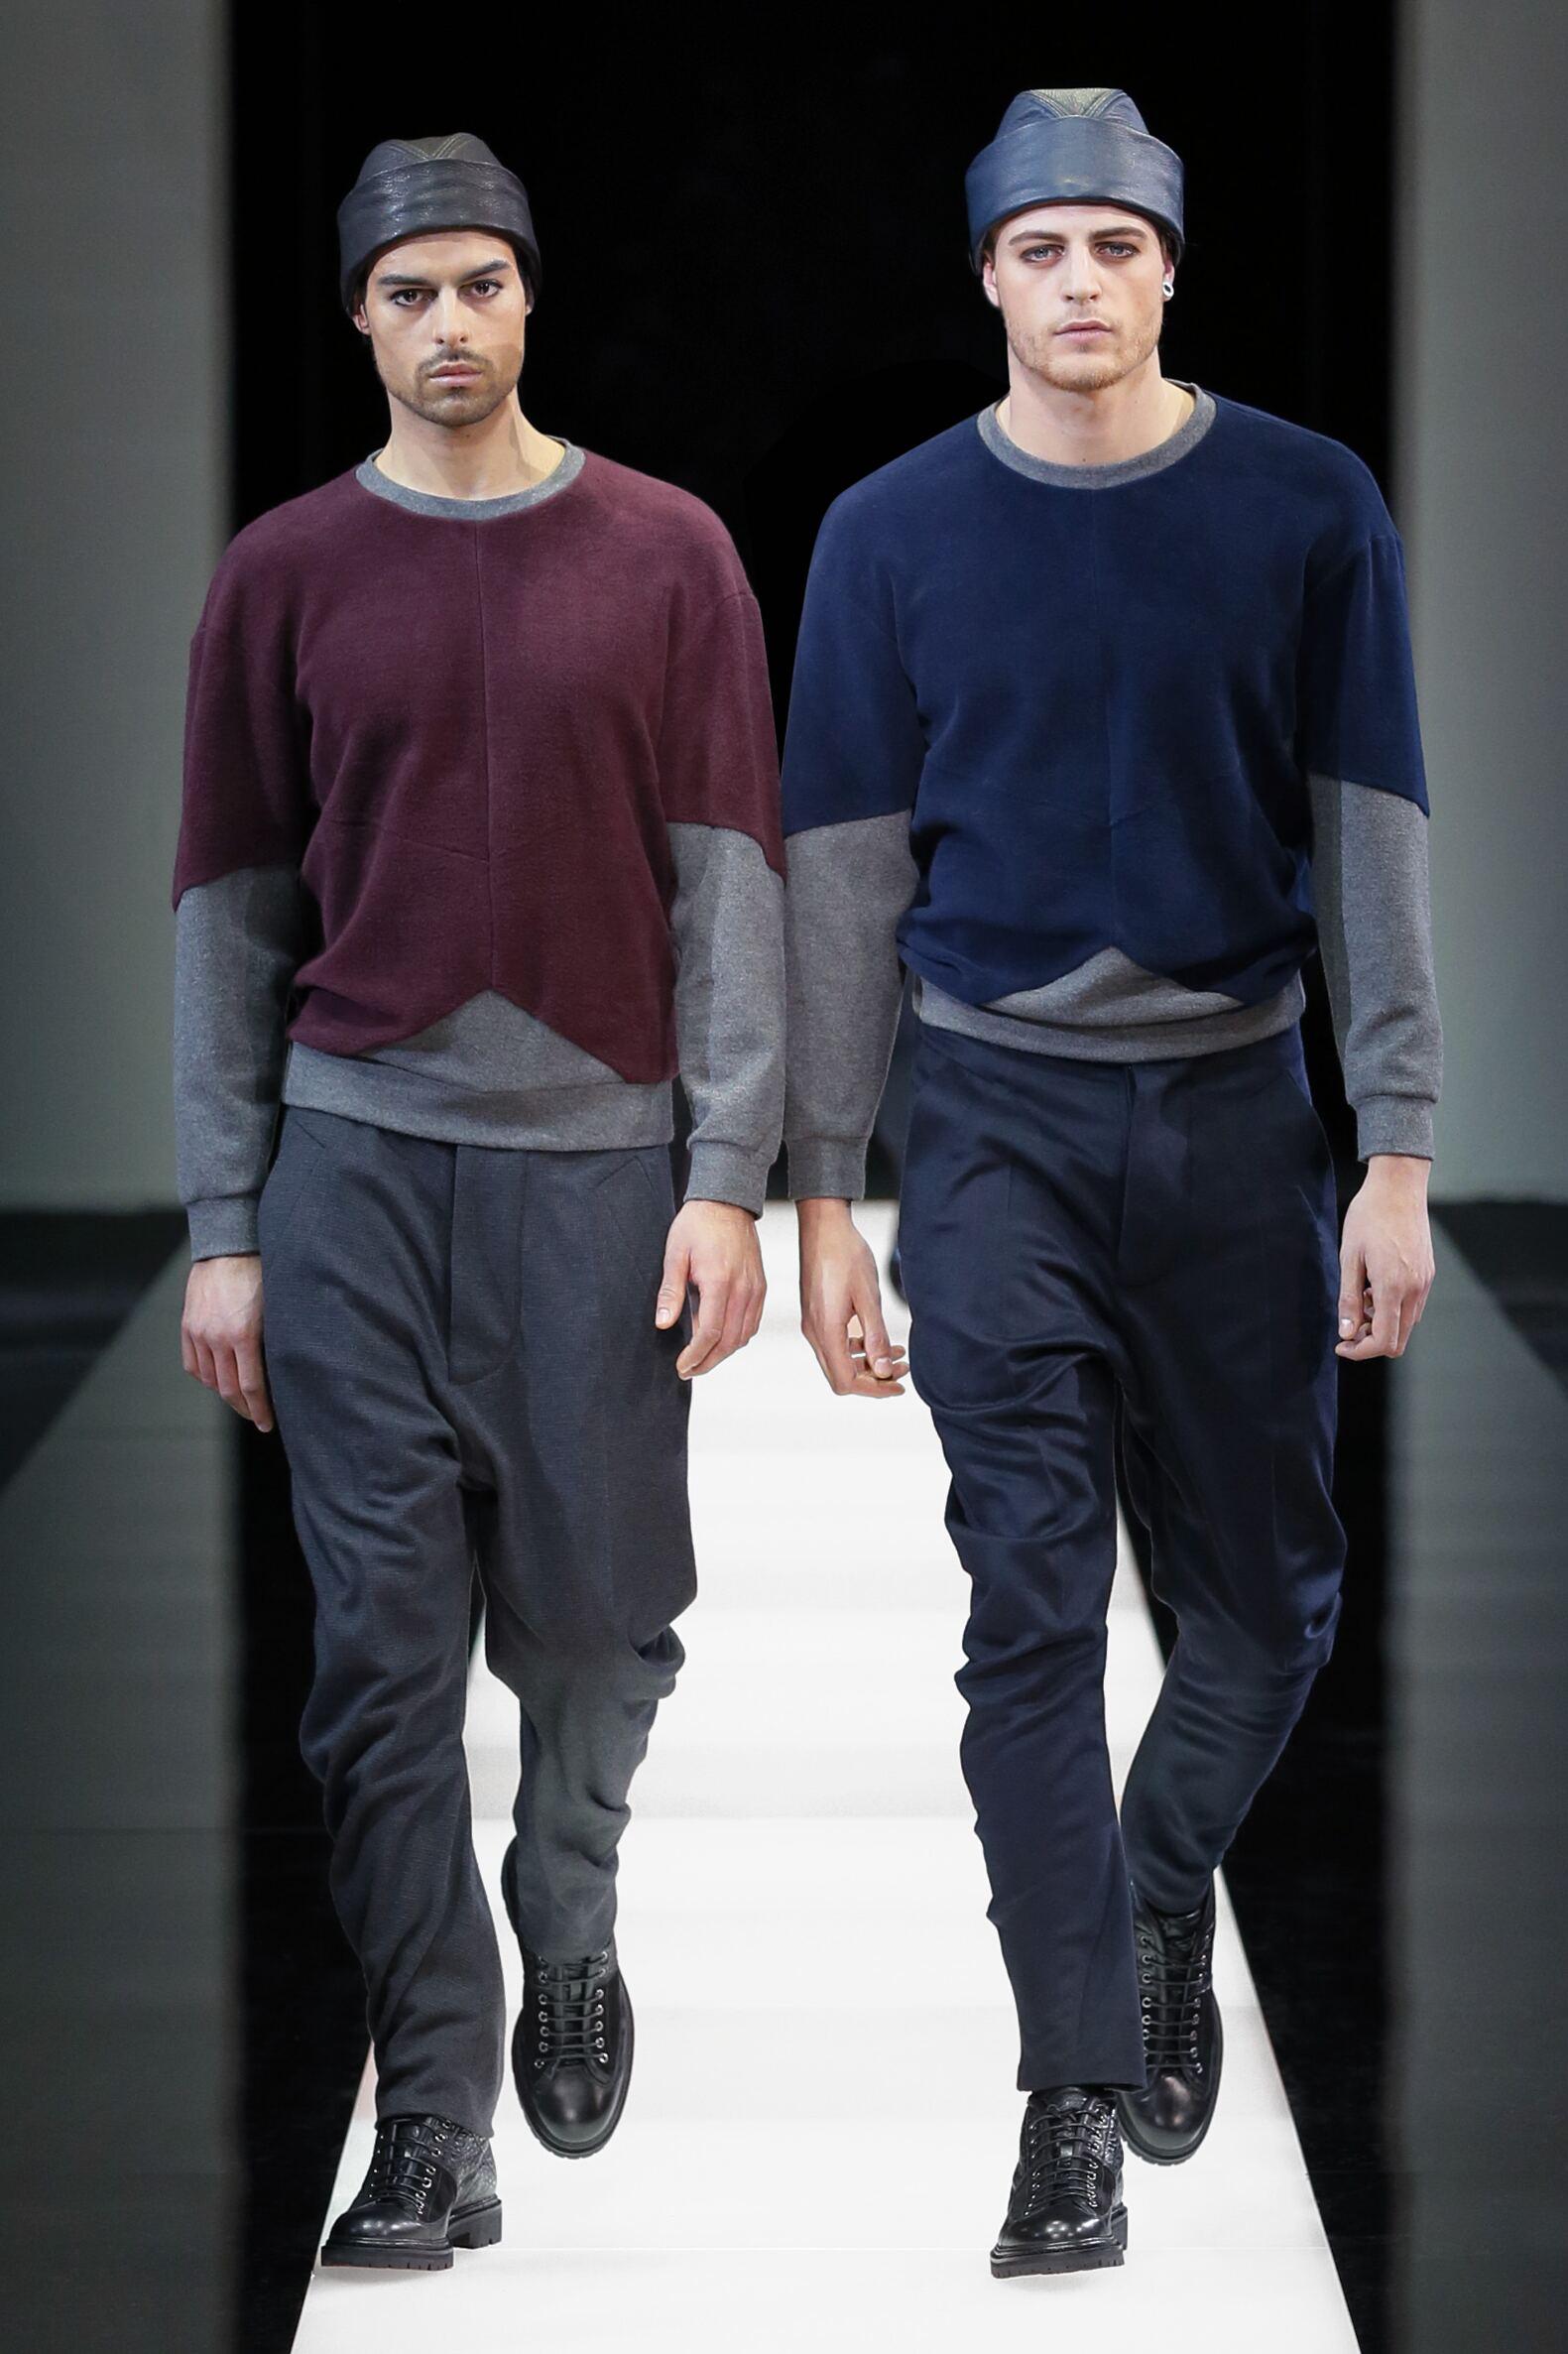 Catwalk Giorgio Armani Collection Fashion Show Winter 2015